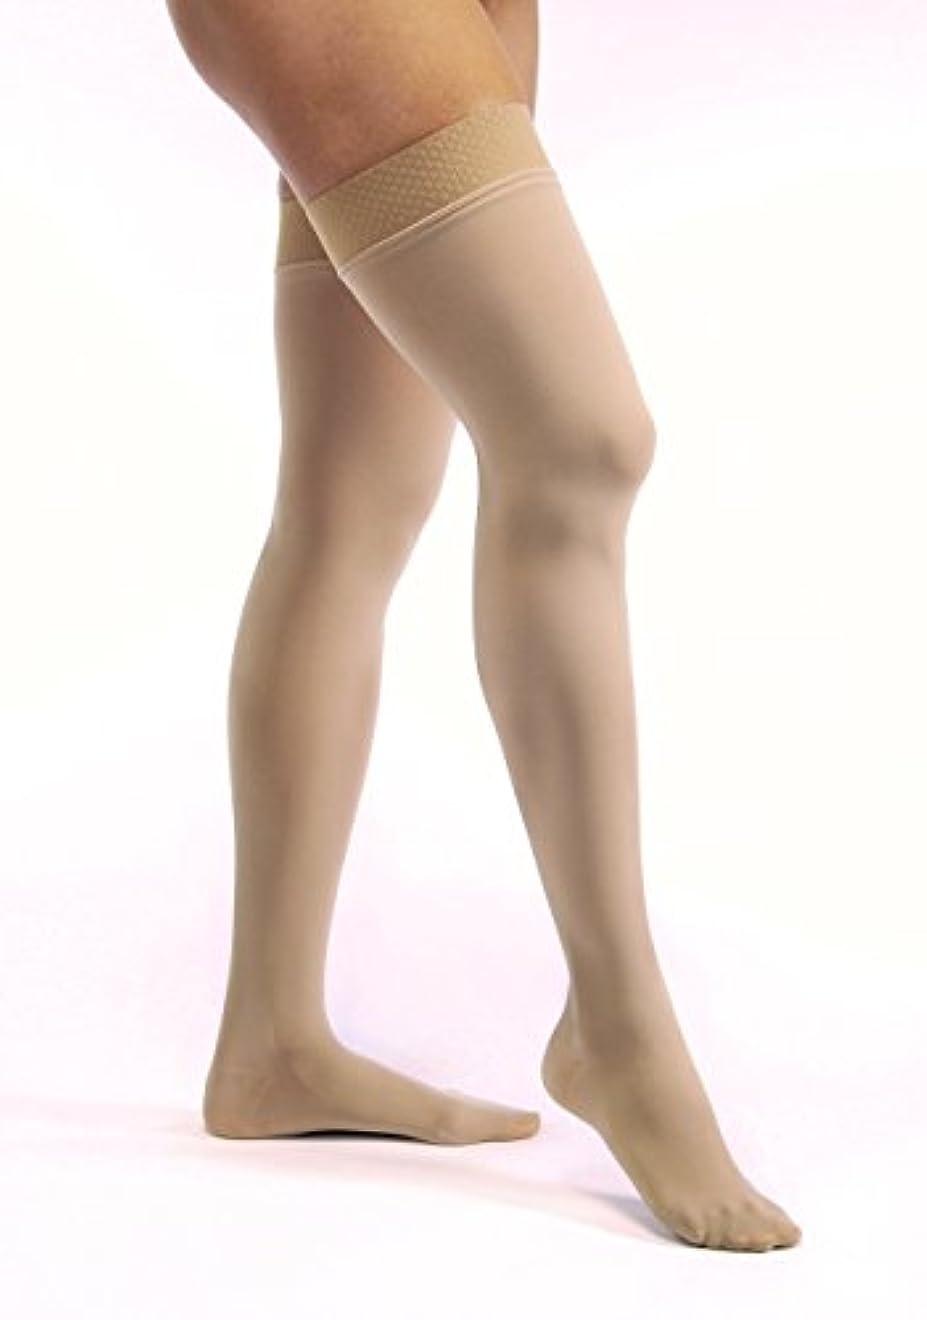 ガソリンボードたくさんのJobst 115464 Opaque Closed Toe Thigh High 20-30 mmHg Firm Support Stockings - Size & Color- Honey Small